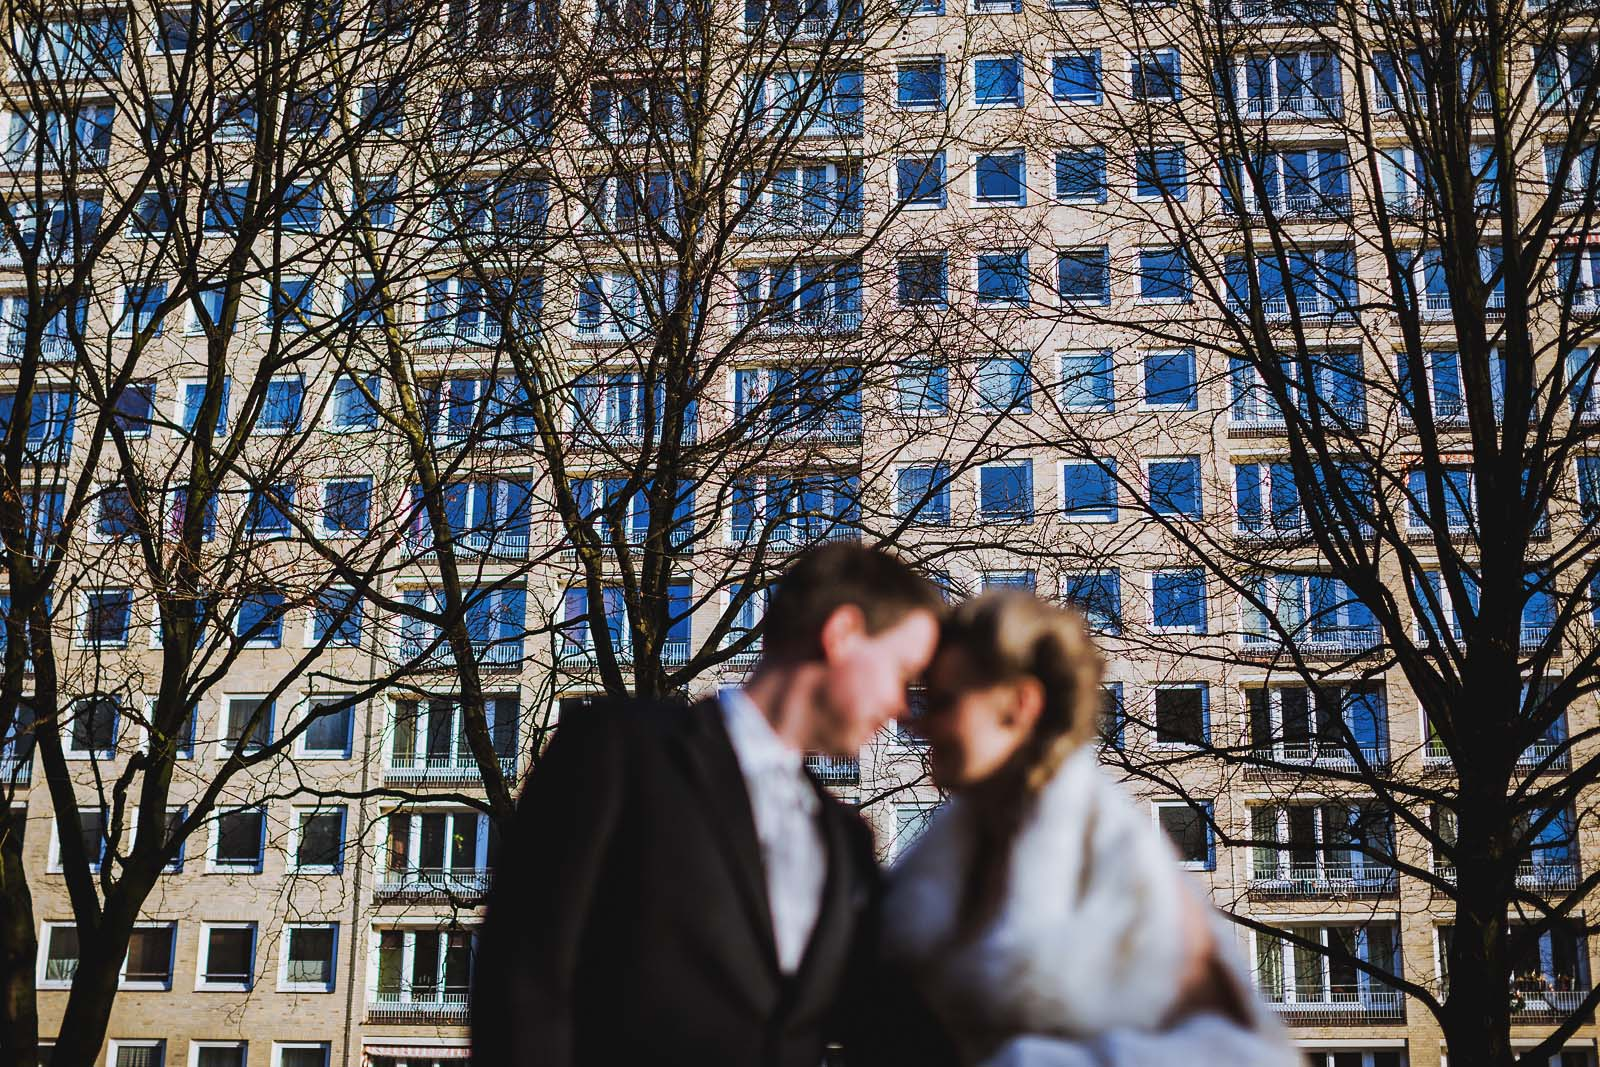 Hochzeitsfotograf Berlin fotografiert Details beim Fotoshooting Copyright by Hochzeitsfotograf www.berliner-hochzeitsfotografie.de